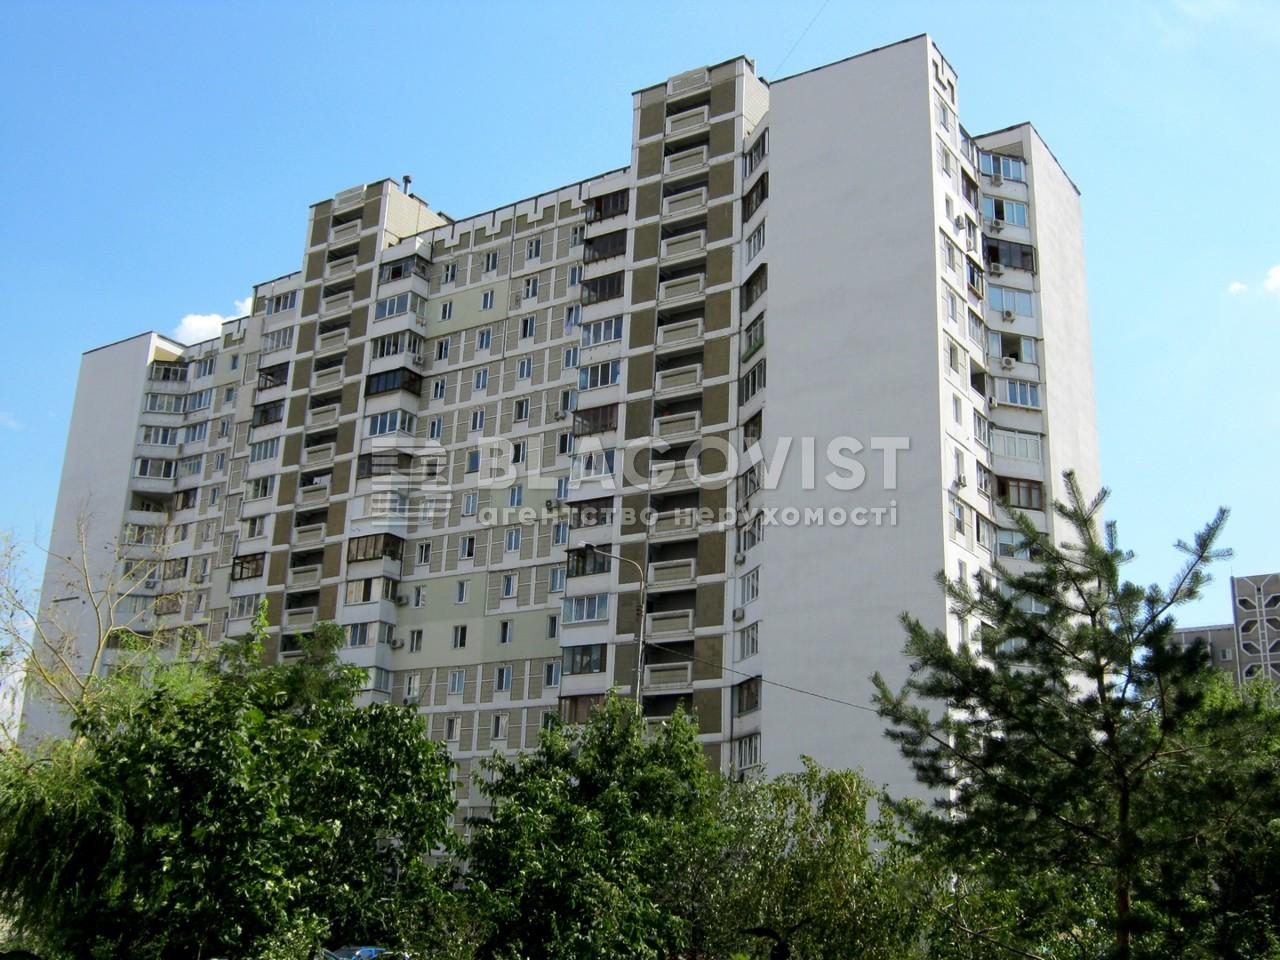 Квартира G-9181, Григоренко Петра просп., 36, Киев - Фото 1